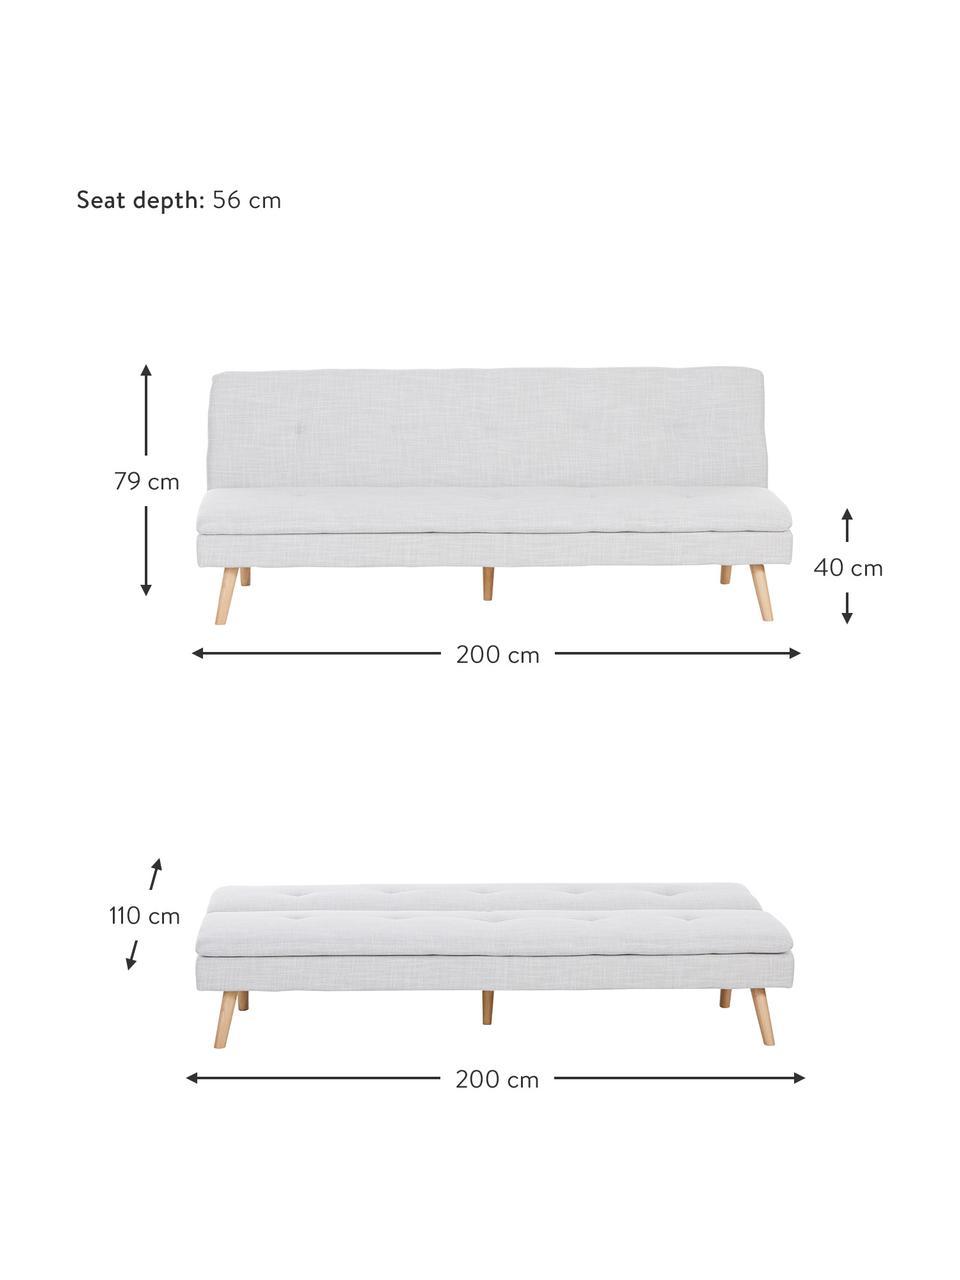 Sofa z funkcją spania z drewnianymi nogami Amelie (3-osobowa), Tapicerka: poliester Dzięki tkaninie, Nogi: drewno kauczukowe, Jasny szary, S 200 x W 79 cm